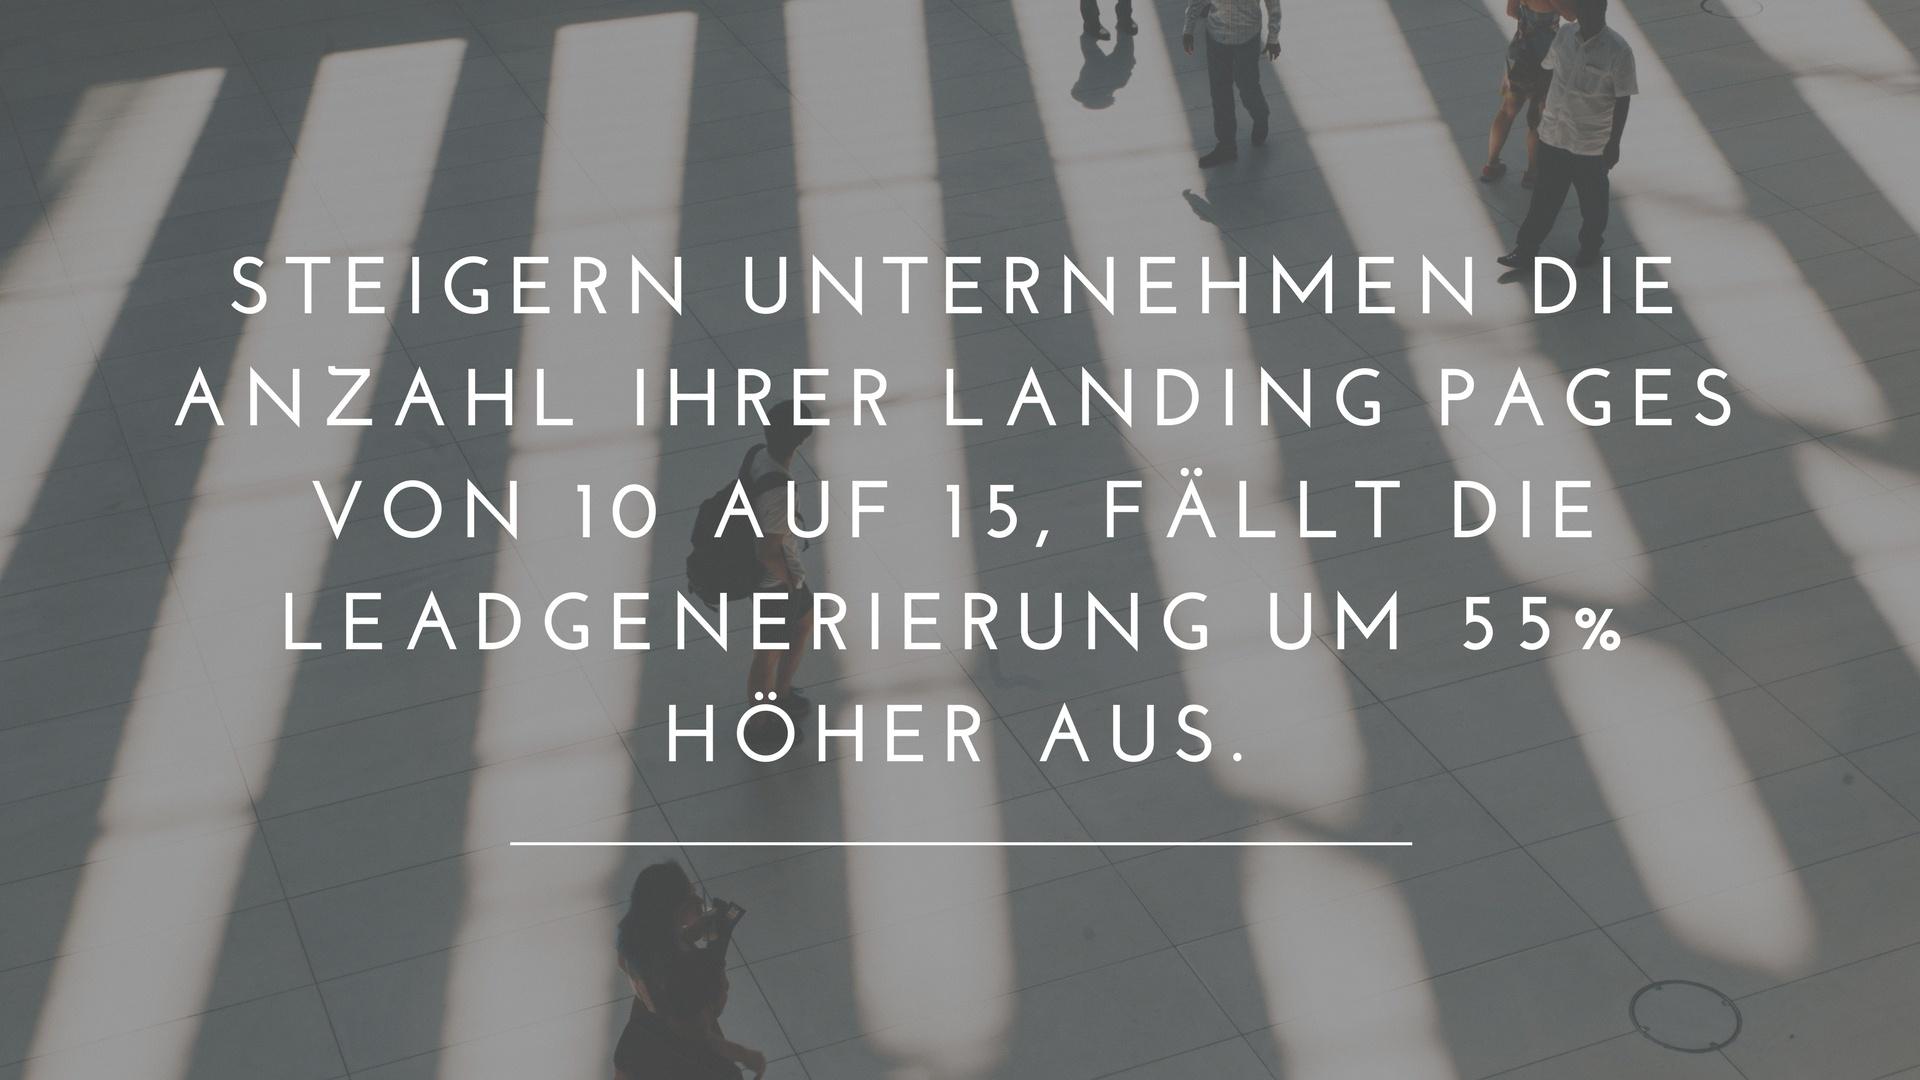 Leadgenerierung_steigern2.jpg